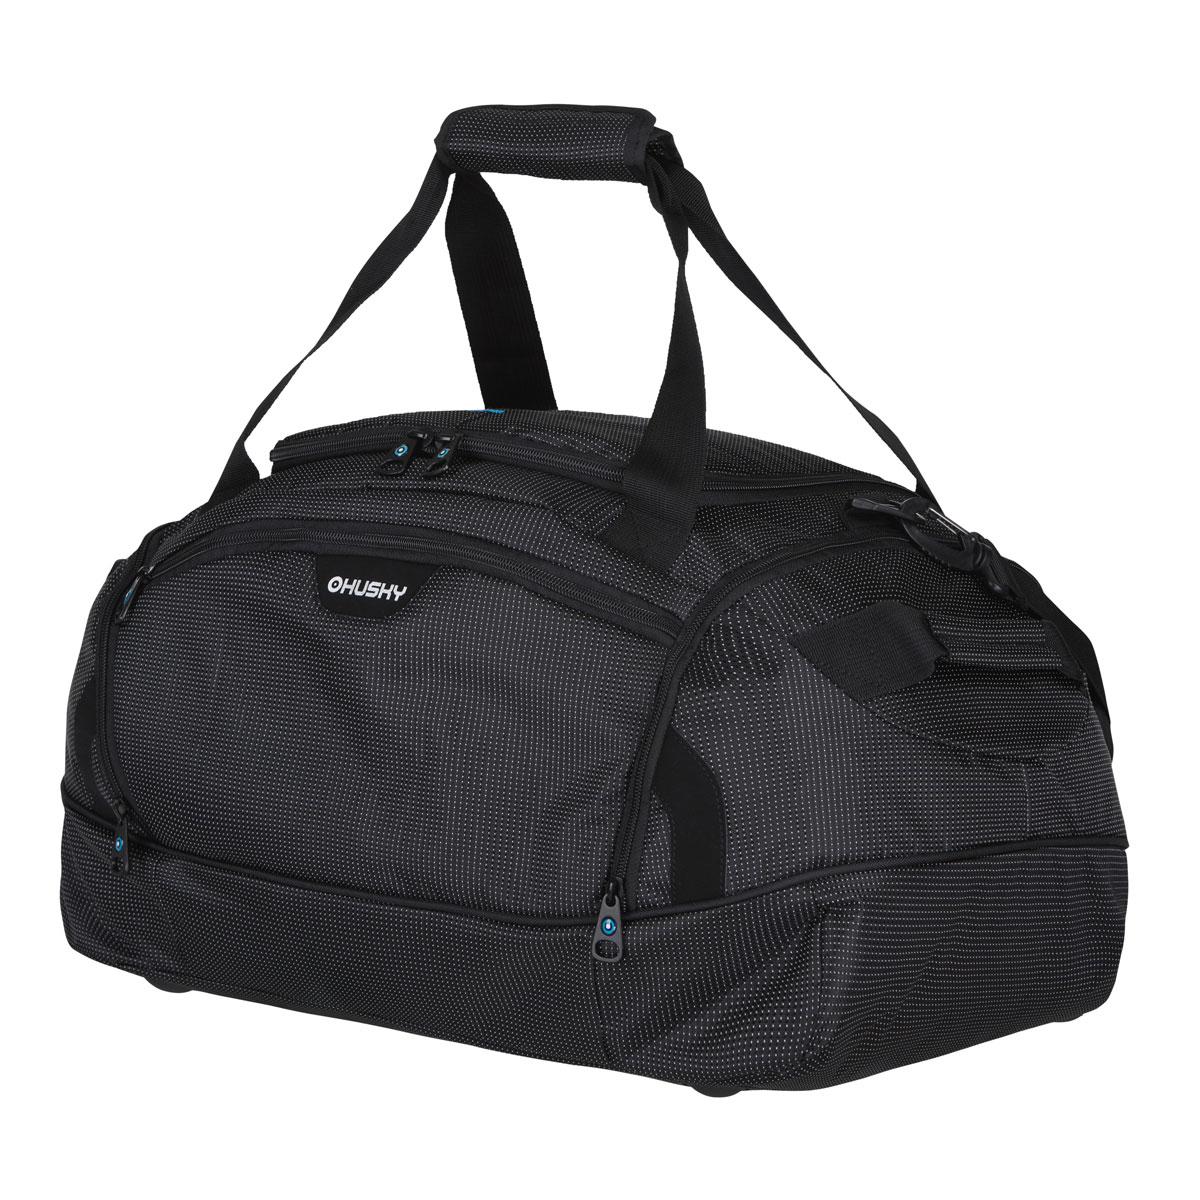 Сумка спортивная Husky Grape 40 L, цвет: черныйУТ-000048763Комфортная и практичная спортивная сумка Grape 40 L. Особенности модели: Водонепроницаемая ткань, Два боковых кармана, Внутренний органайзер, Съемный наплечный ремень.